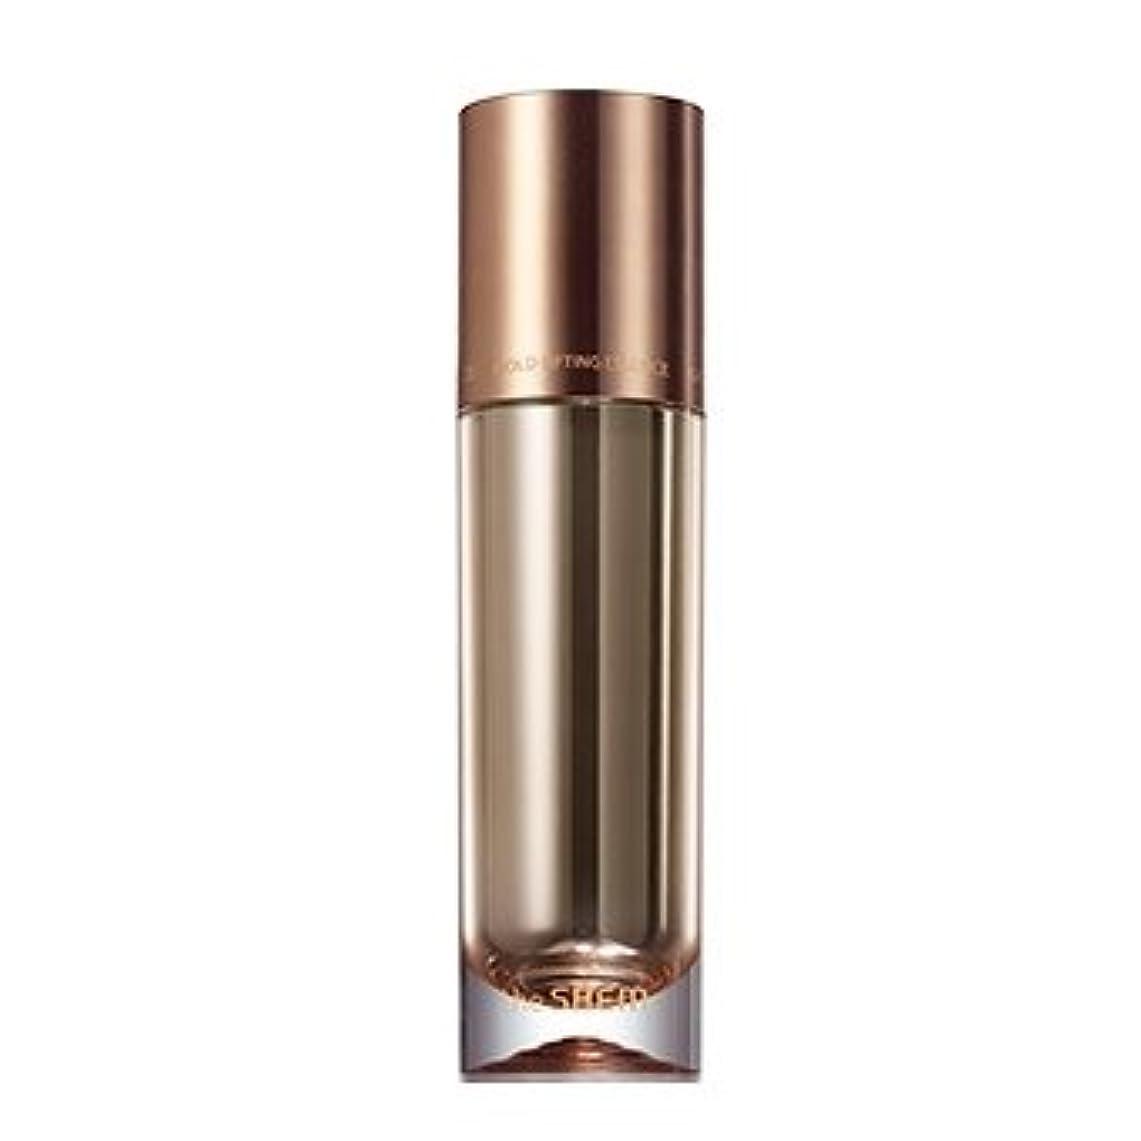 圧縮された友だち見捨てられたthe SAEM Gold Lifting Essence 40ml/ザセム ゴールド リフティング エッセンス 40ml [並行輸入品]